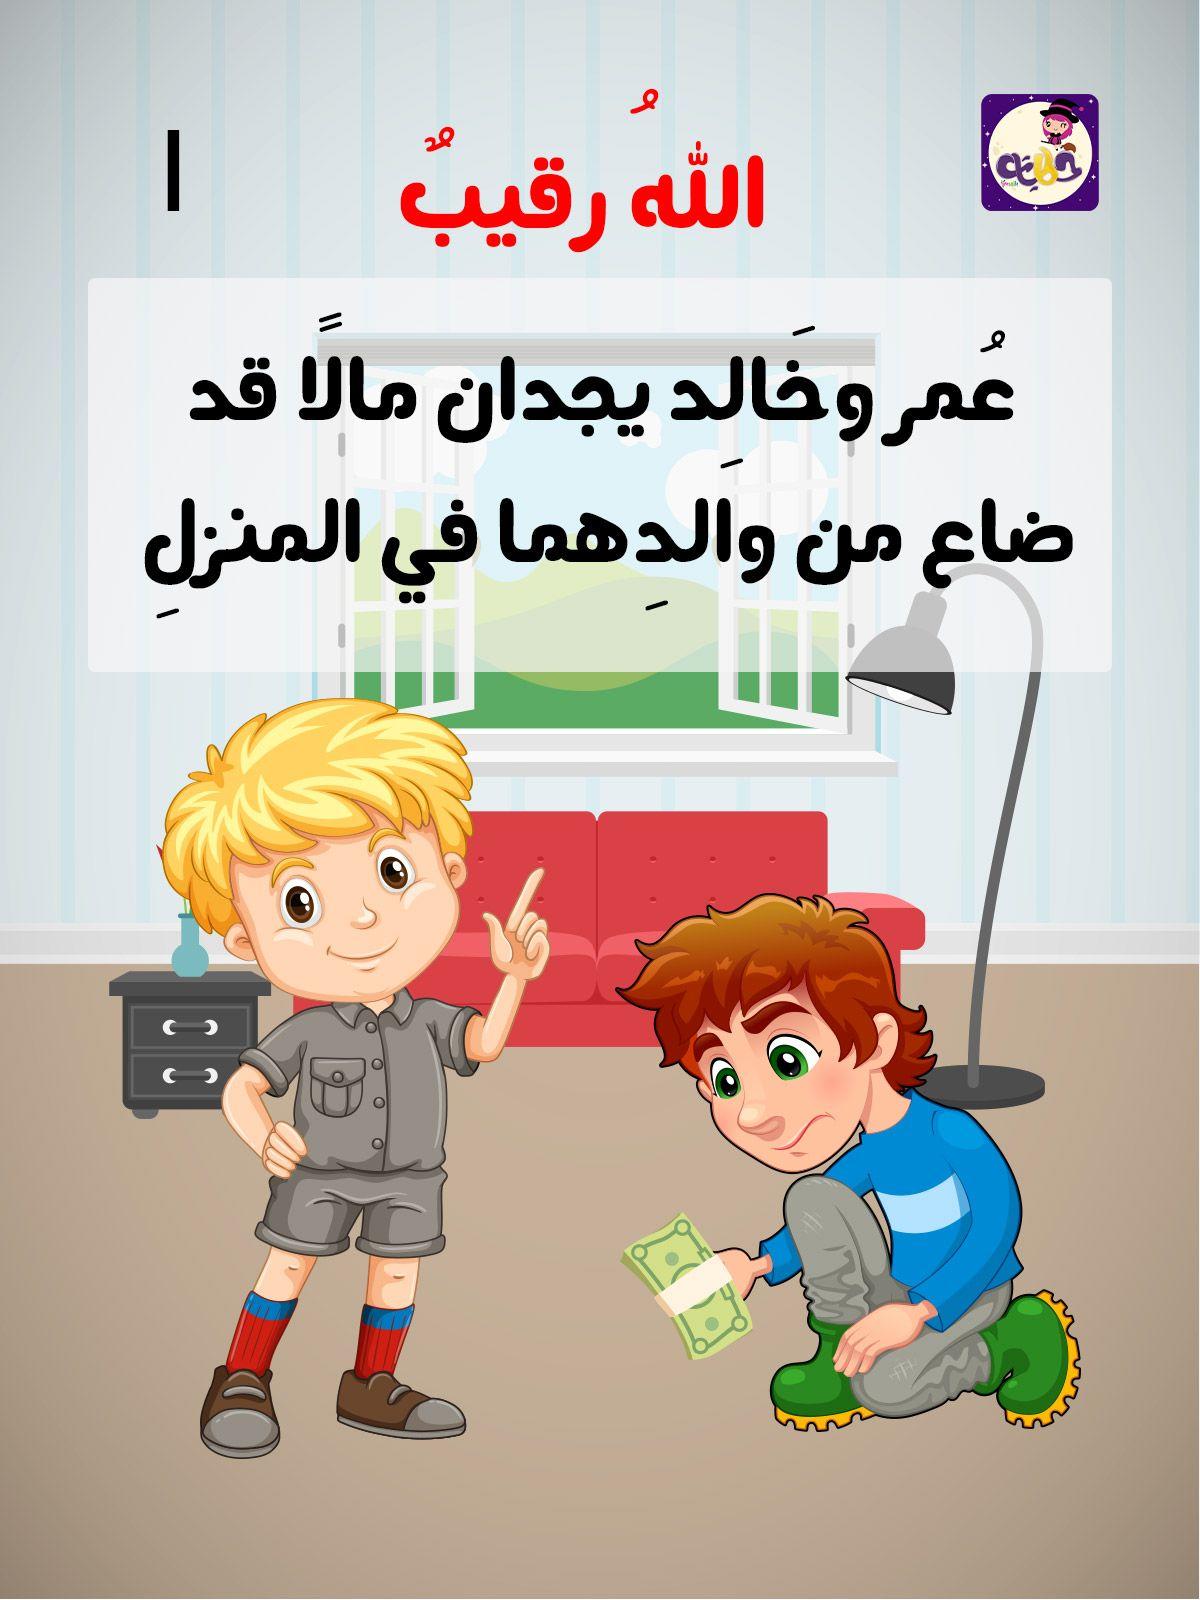 قصة الله رقيب من قصص العقيدة للاطفال قصة مصورة للاطفال تطبيق حكايات بالعربي Arabic Kids Stories For Kids Learn Arabic Language